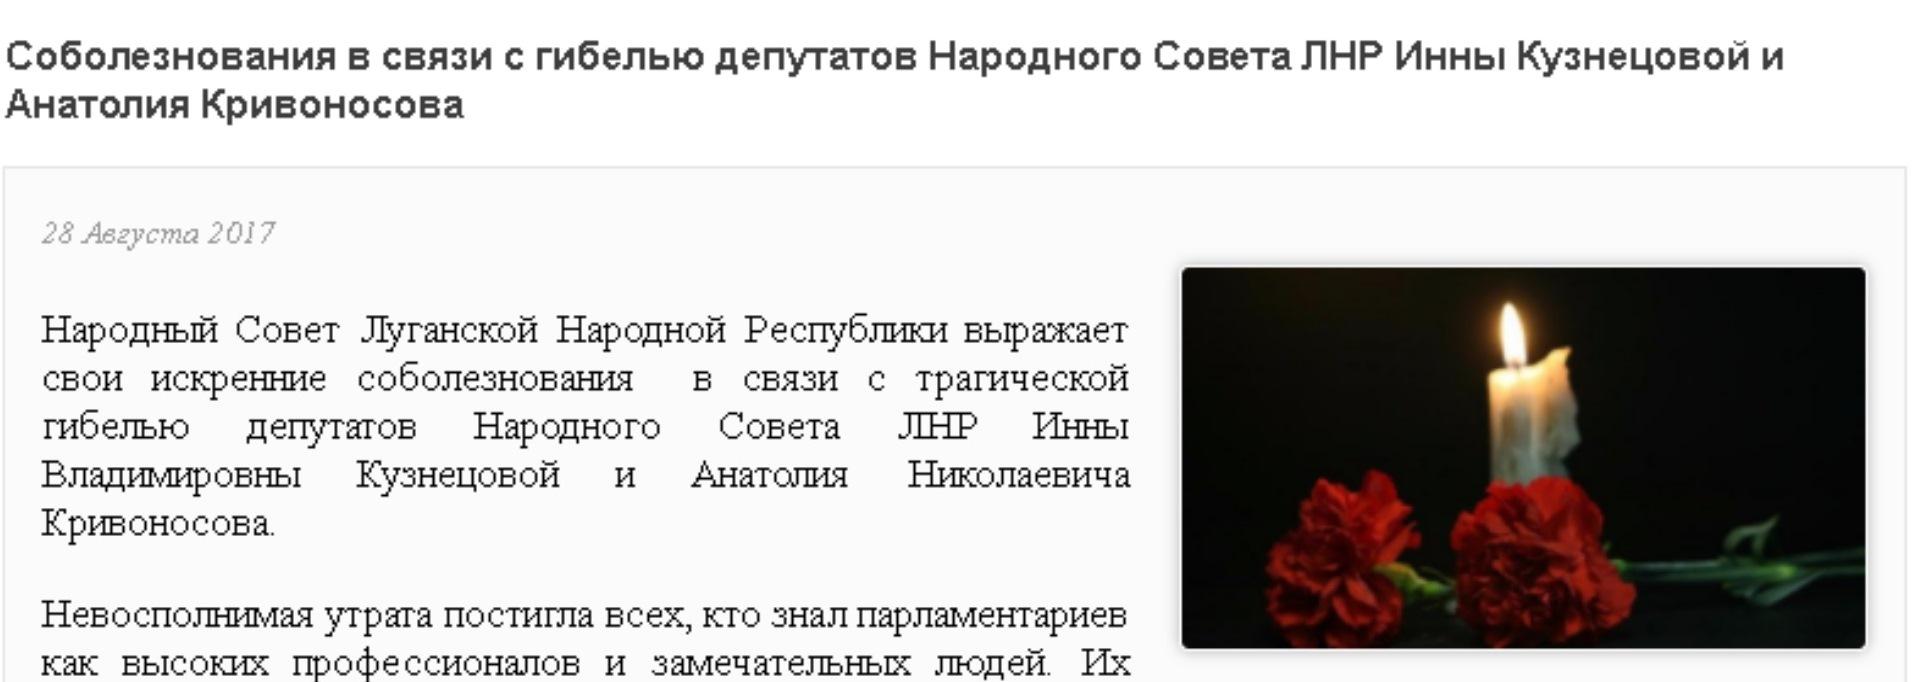 В «ЛНР» нашли застреленными двух «депутатов» «народного совета» (Обновляется)